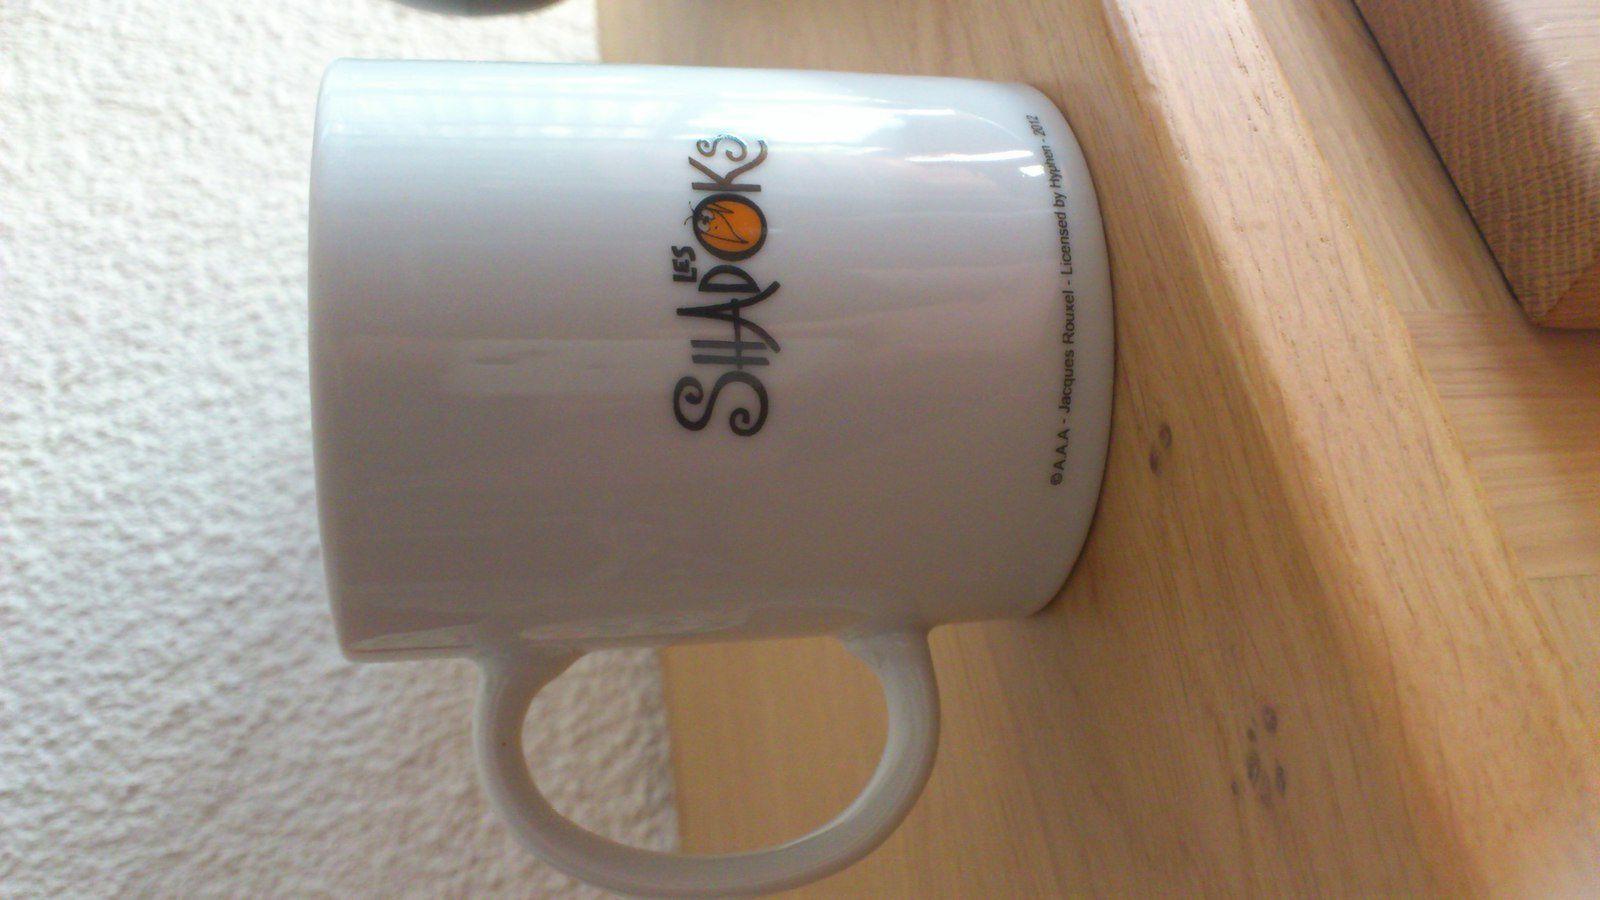 Je ne sais pas où elle a déniché ce mug, en tout cas elle a fait mouche ! Et personne n'a le droit de me le piquer.